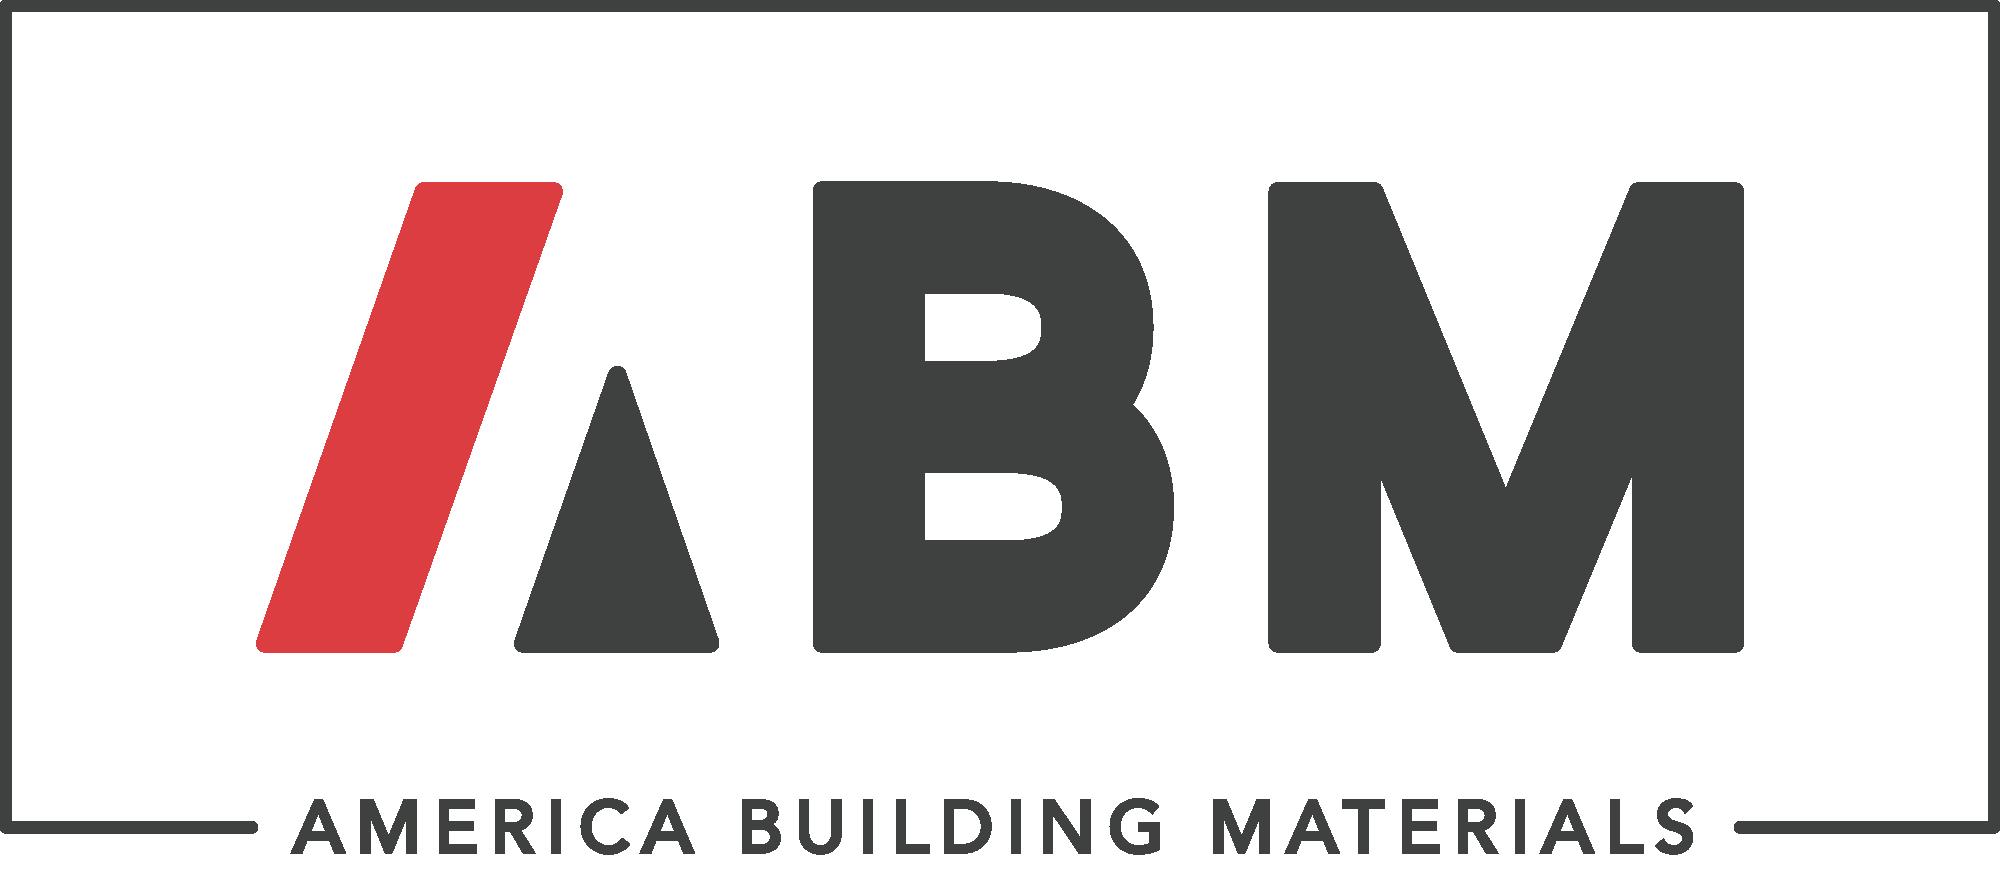 America Building Materials